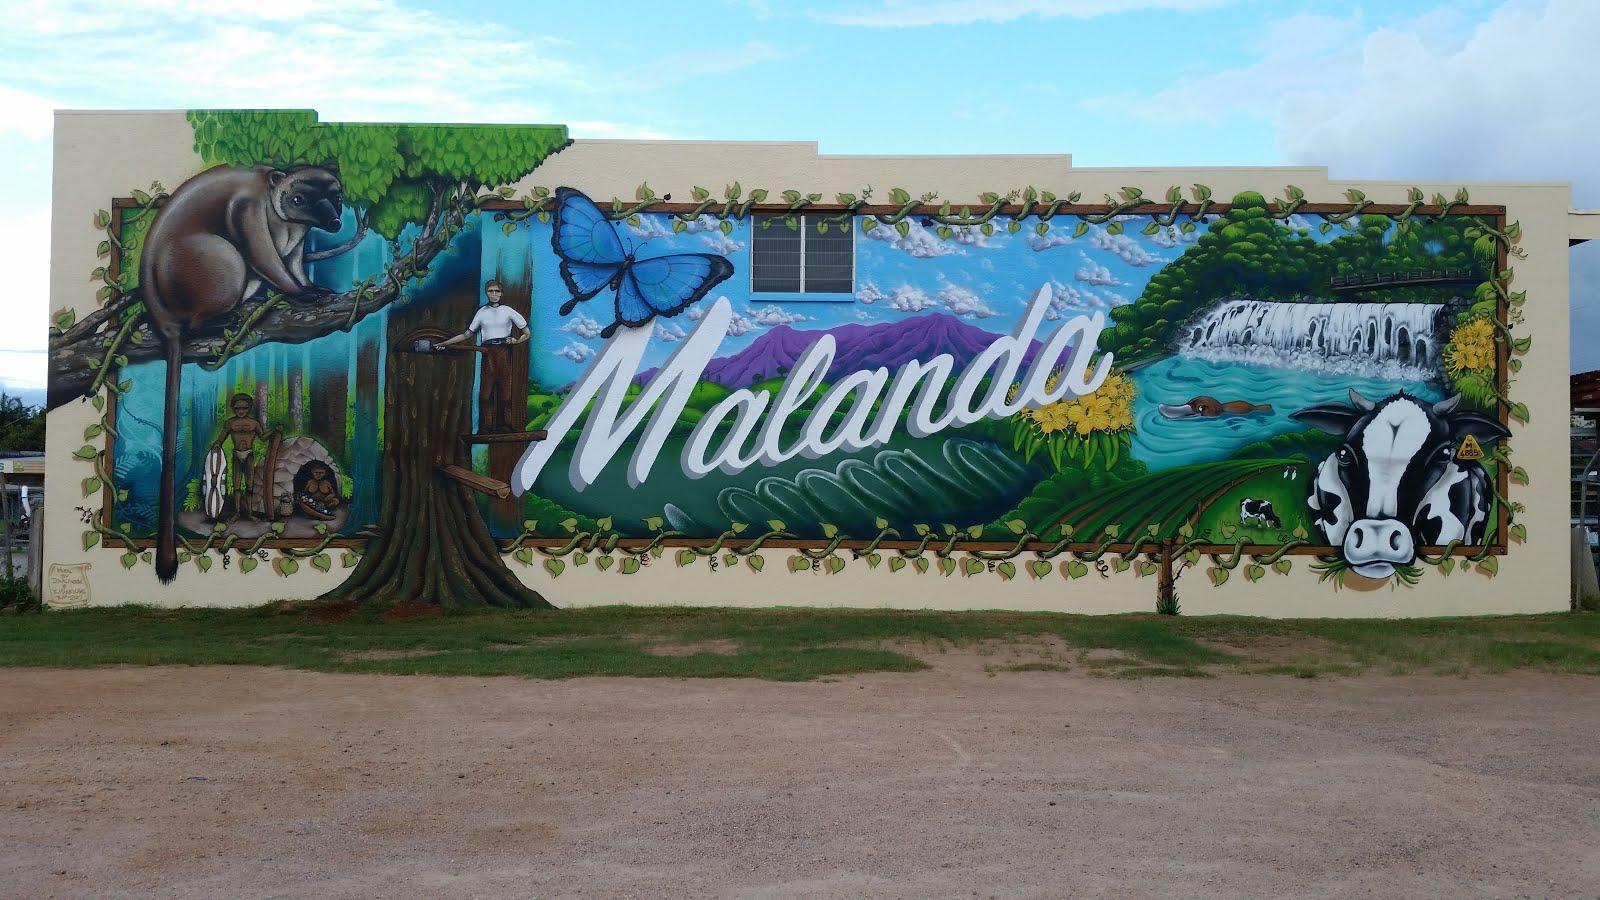 Malanda Community Mural